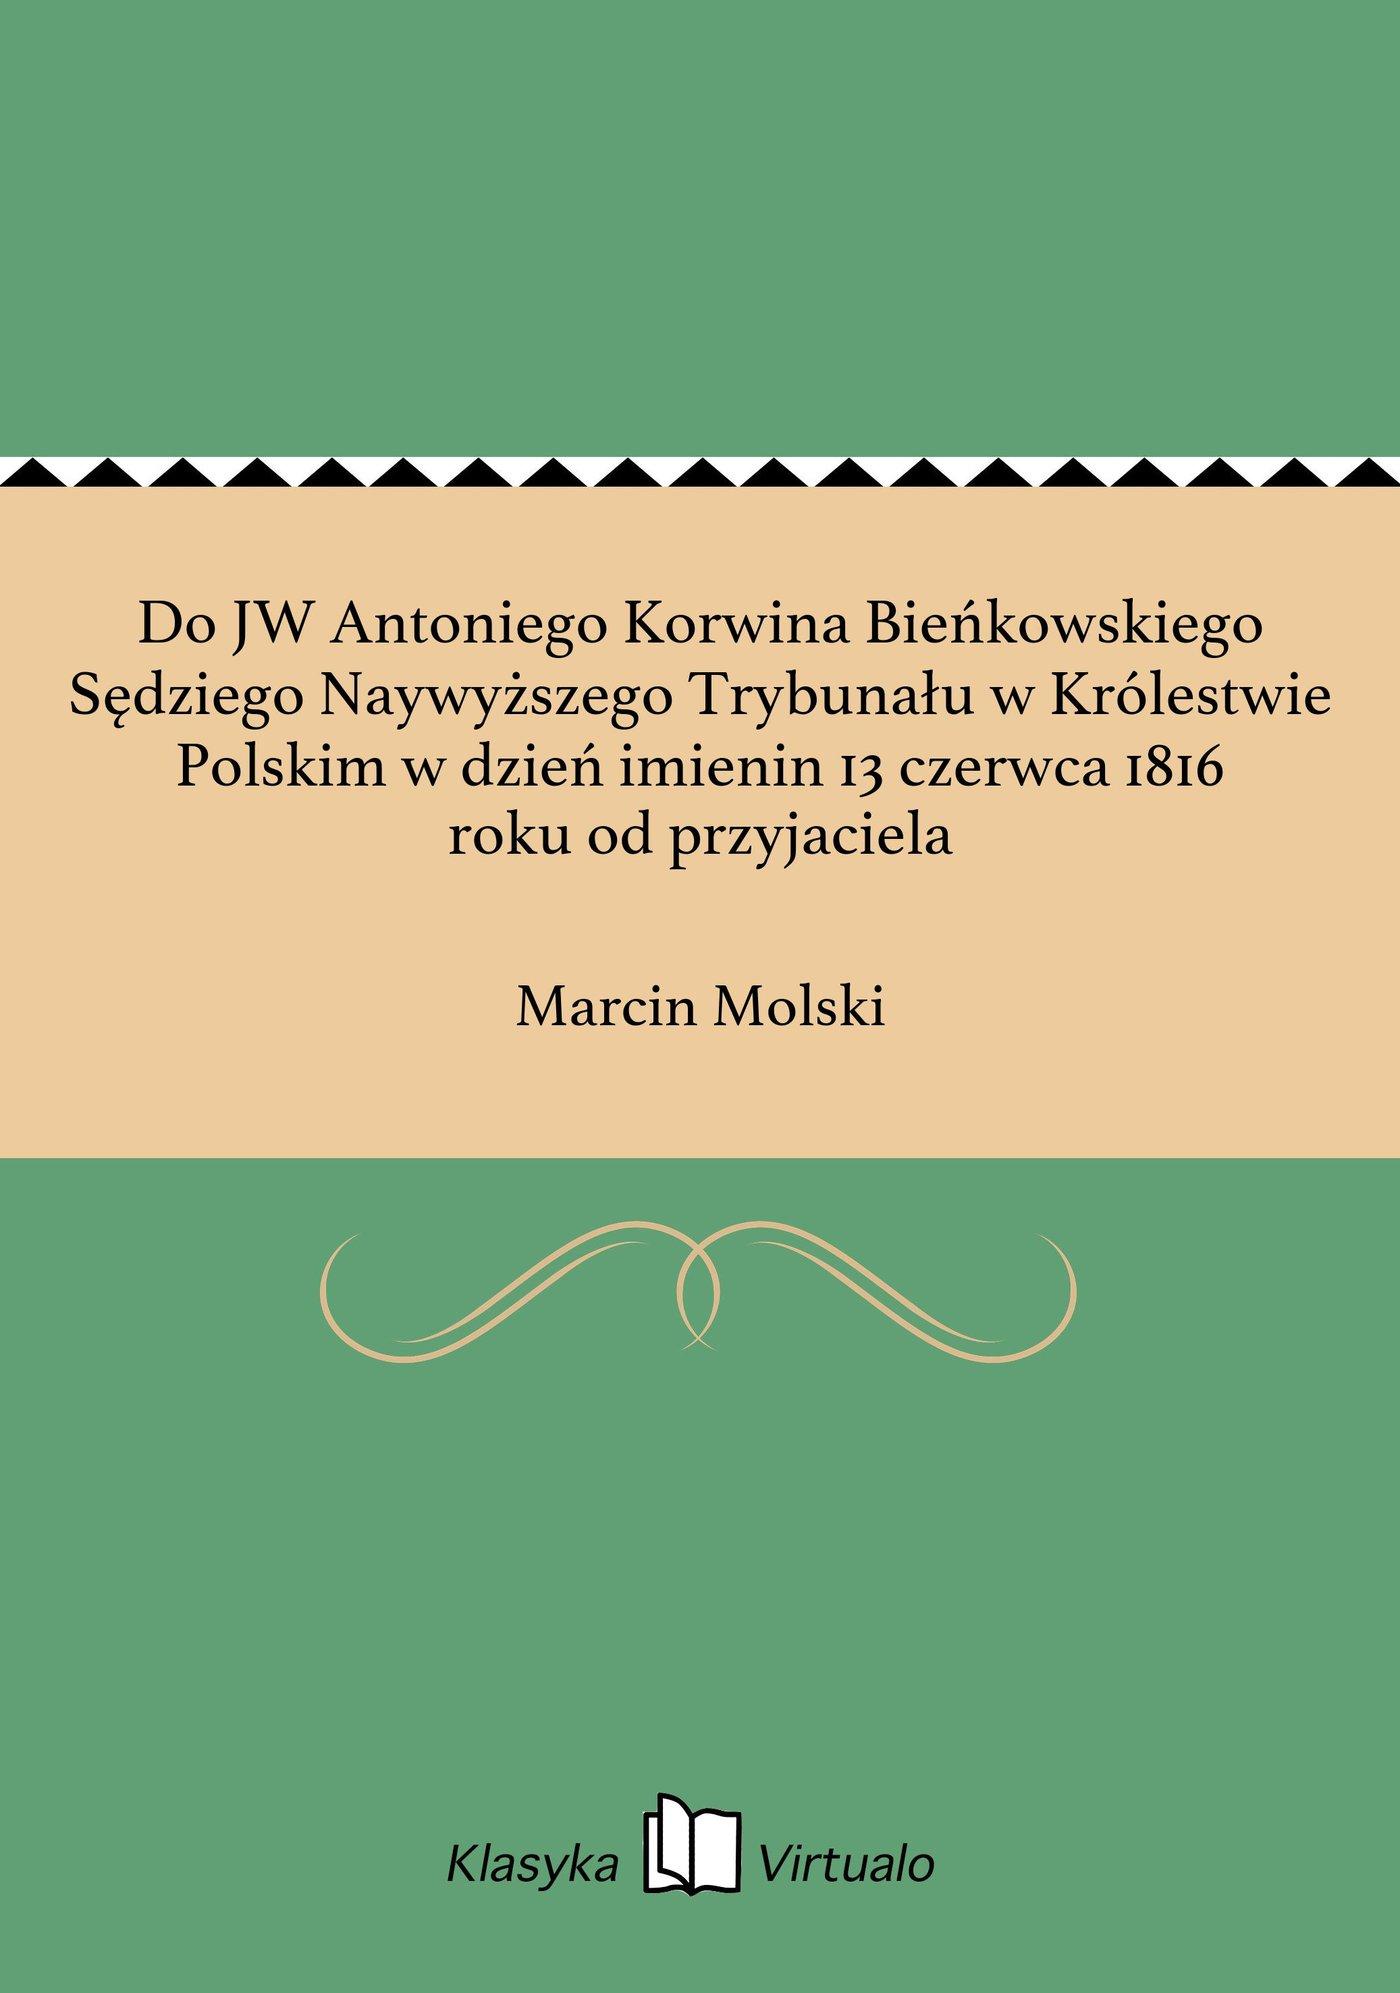 Do JW Antoniego Korwina Bieńkowskiego Sędziego Naywyższego Trybunału w Królestwie Polskim w dzień imienin 13 czerwca 1816 roku od przyjaciela - Ebook (Książka EPUB) do pobrania w formacie EPUB